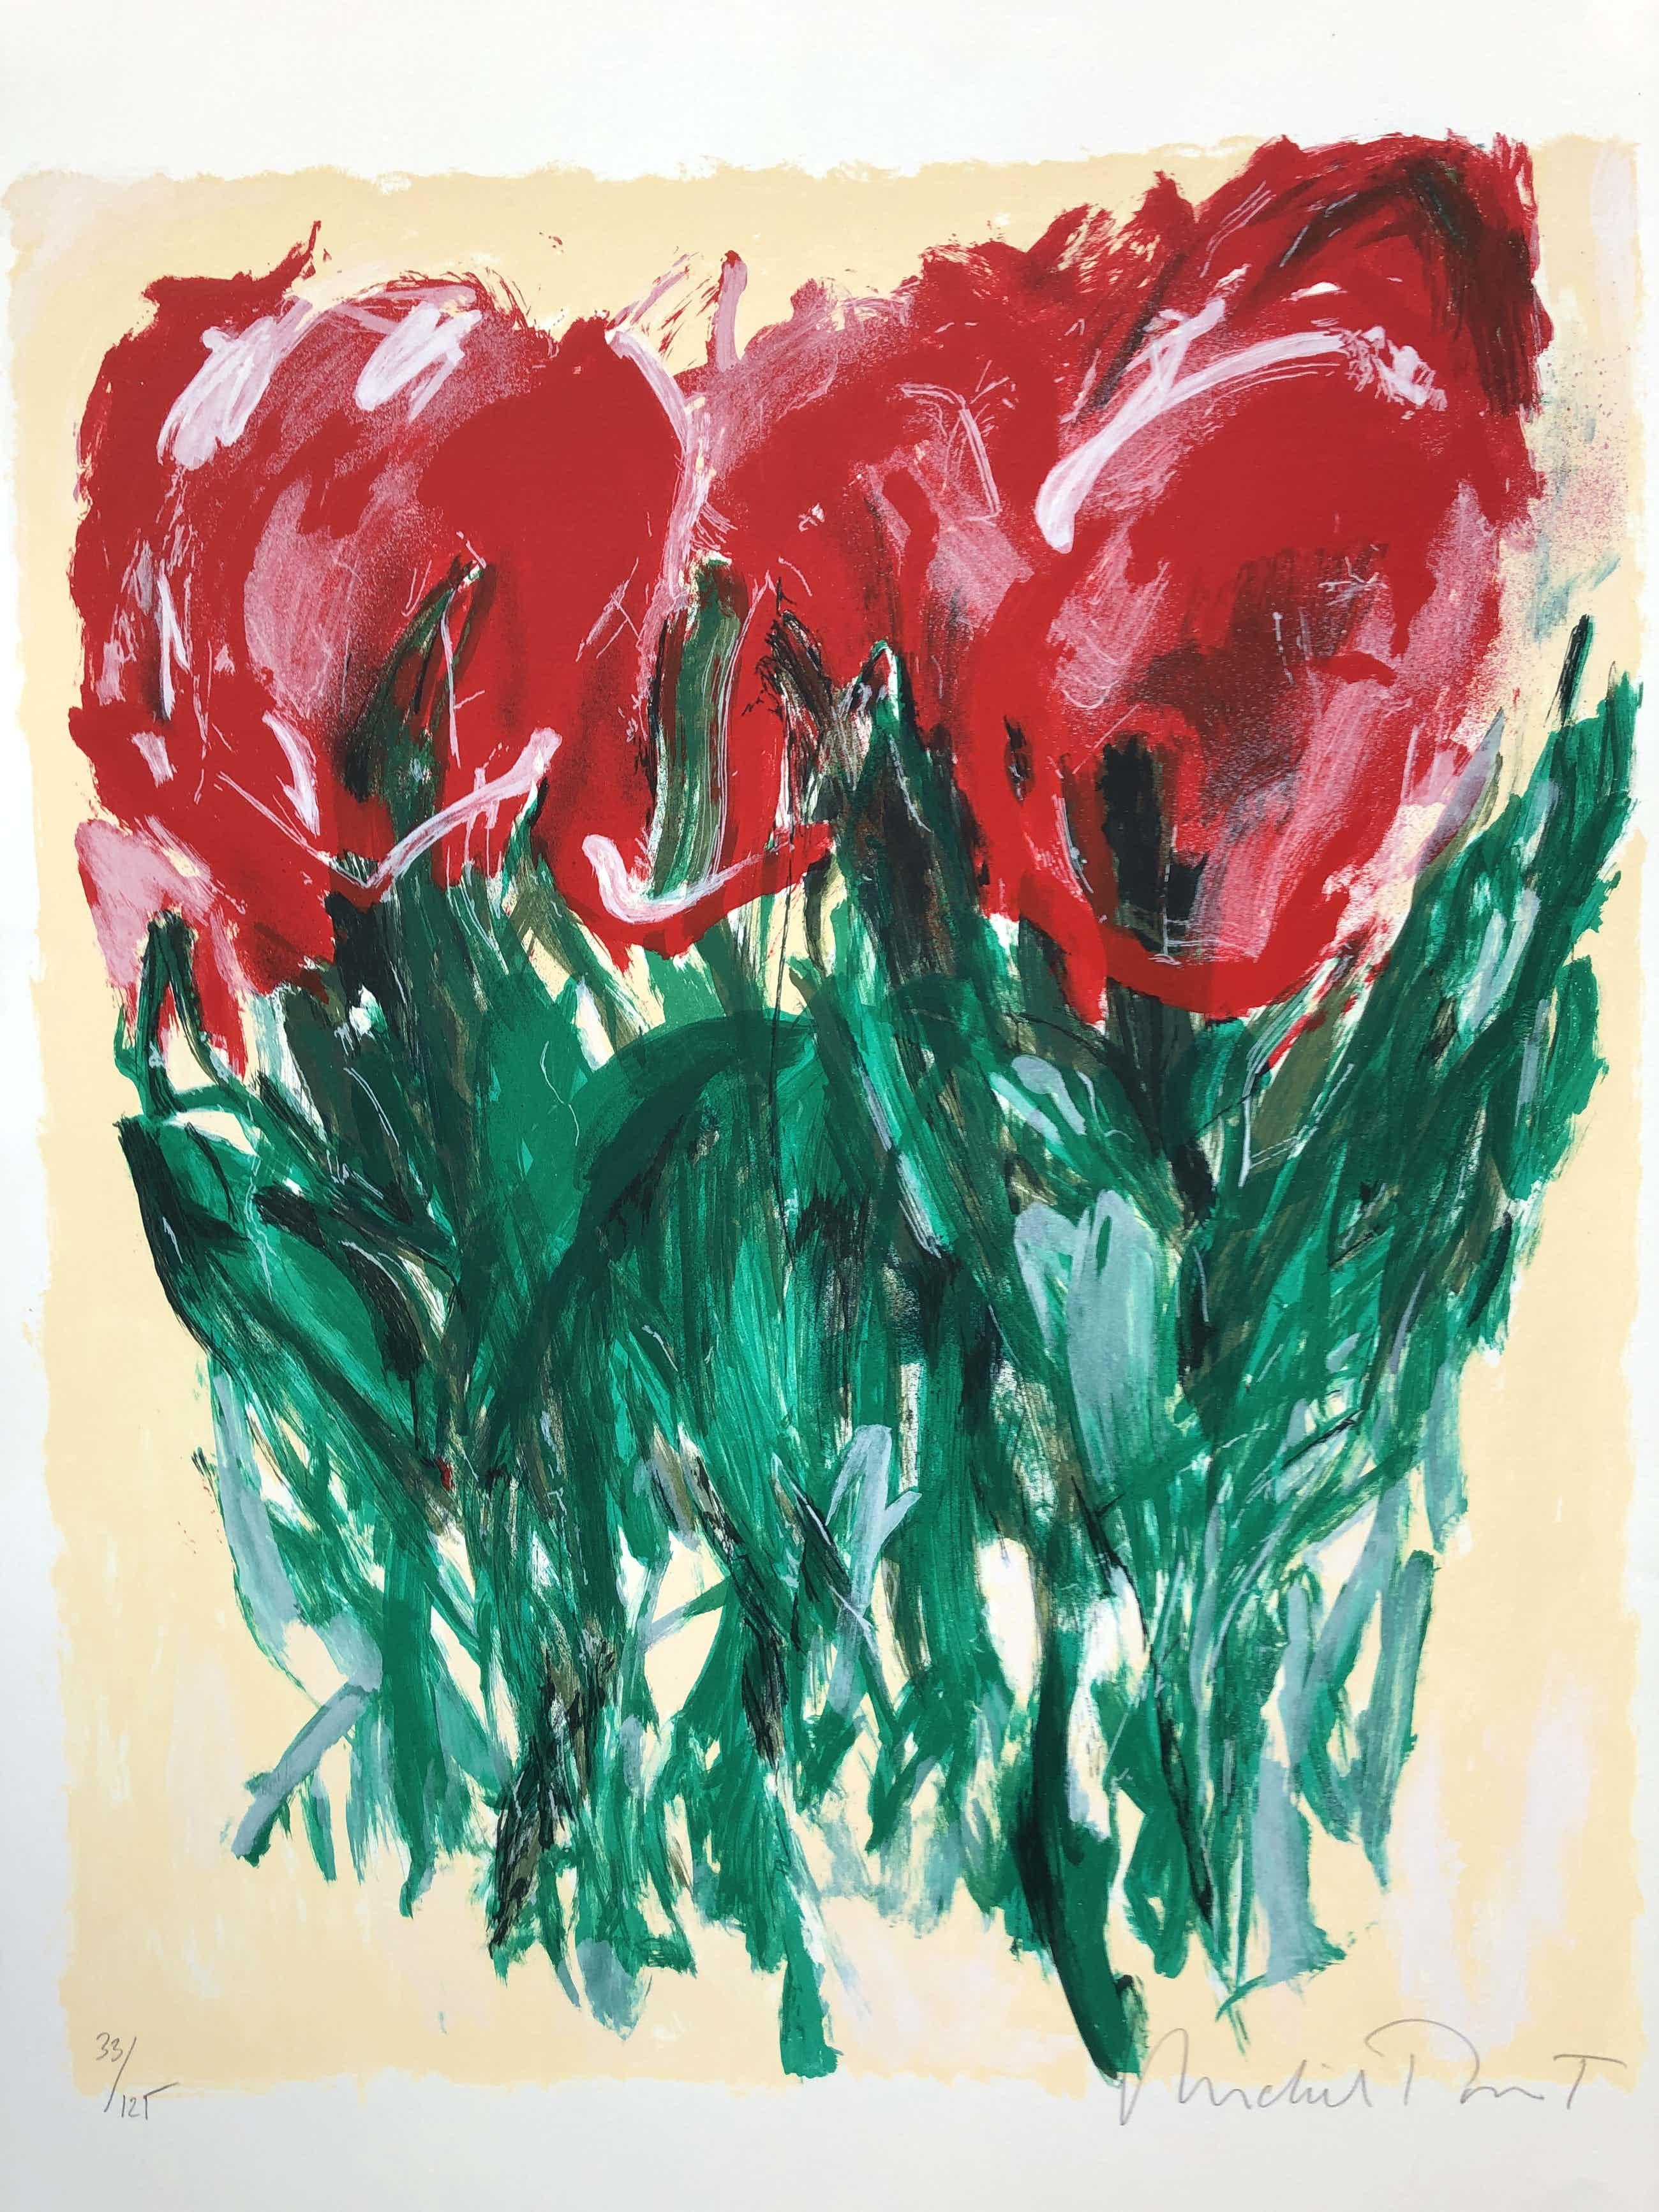 Michel Poort - Tulpen in rood kopen? Bied vanaf 55!